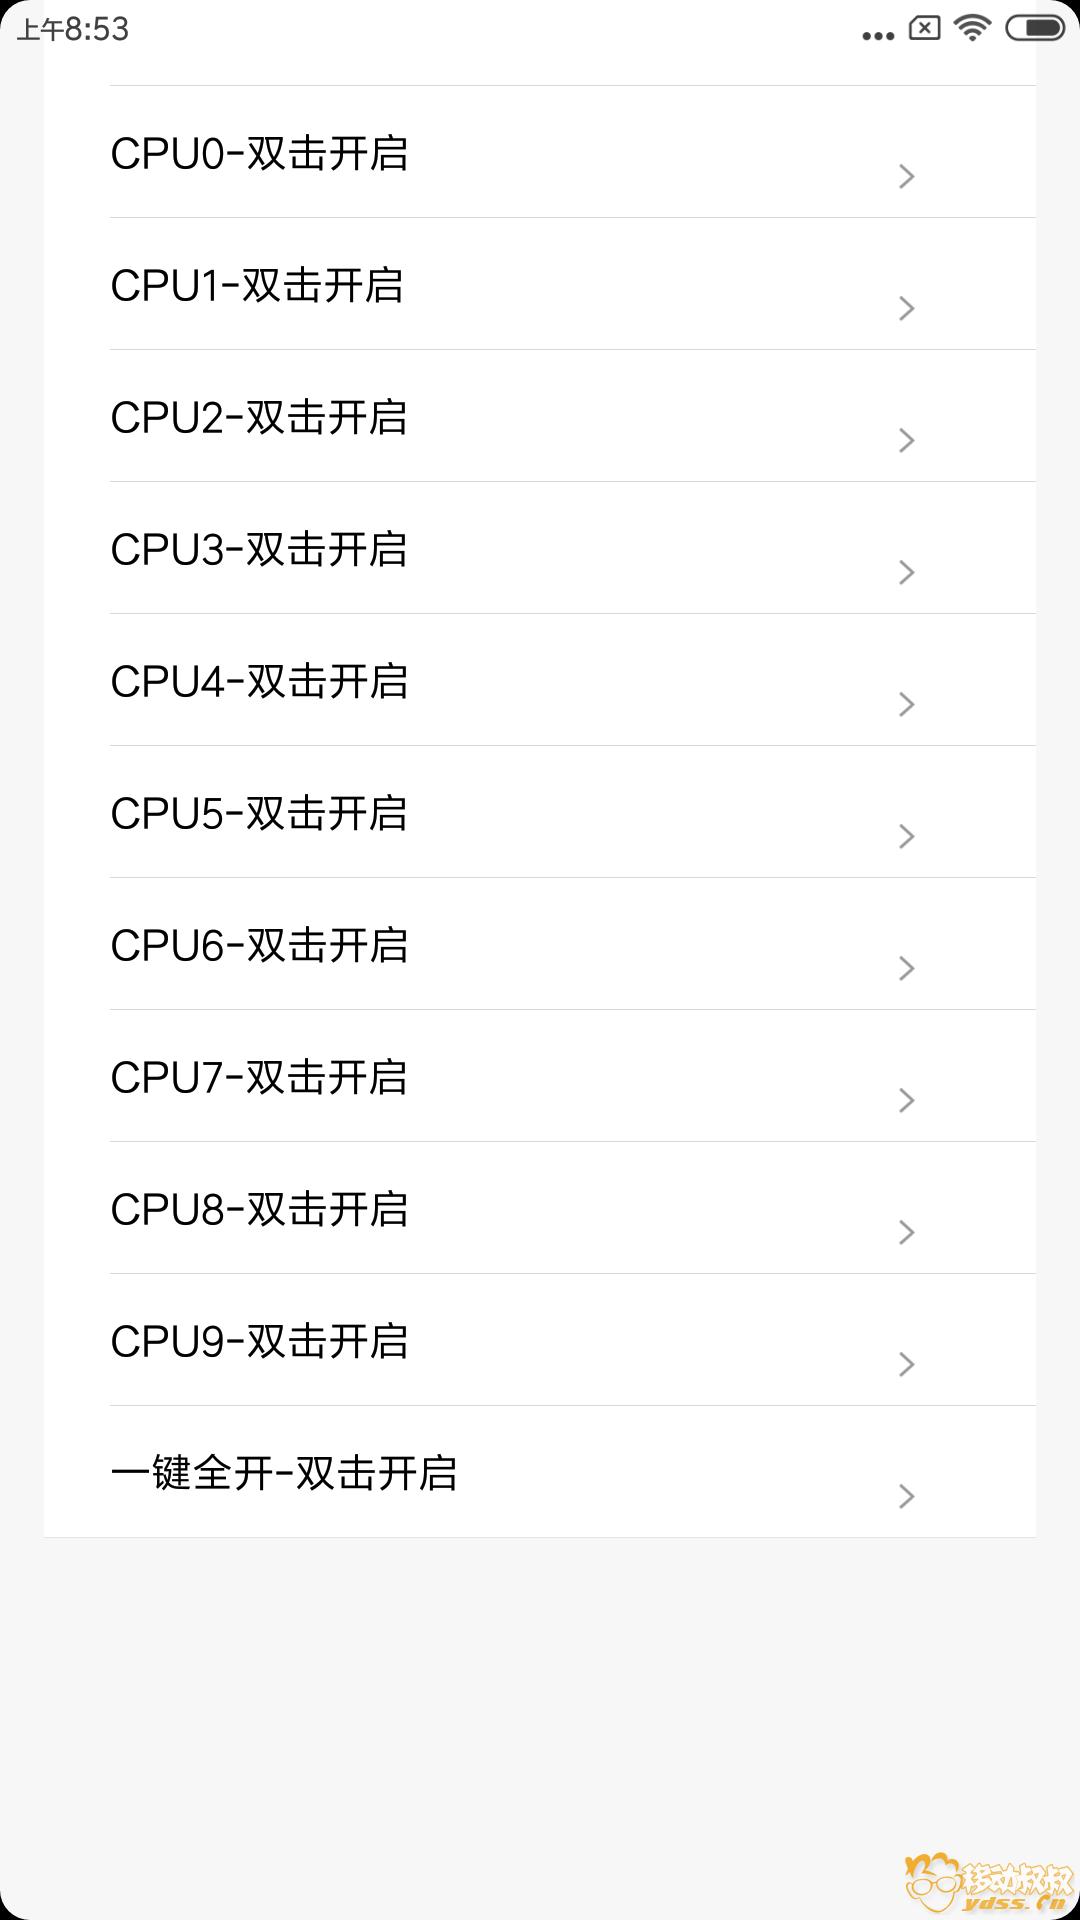 Screenshot_2018-08-18-08-53-23-216_com.loner.tools.png